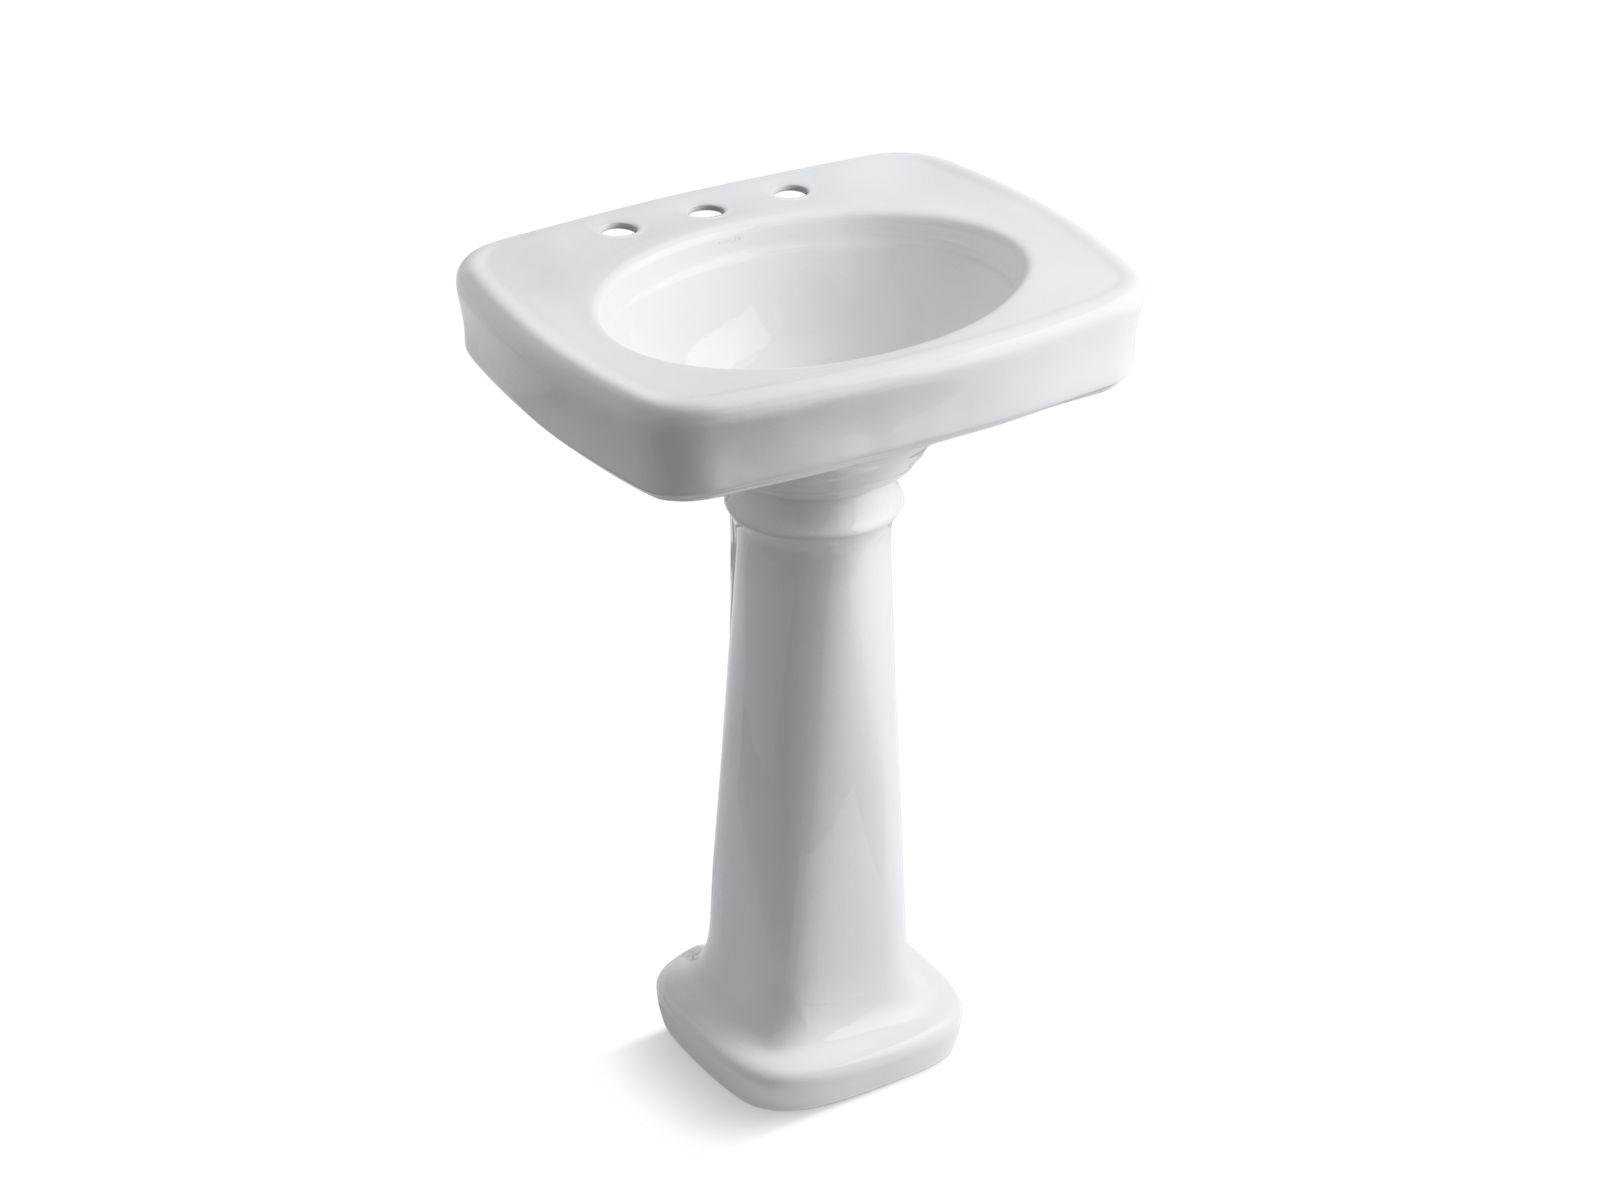 Bancroft Pedestal Sink With 8 Inch Centers | K 2338 8 | KOHLER